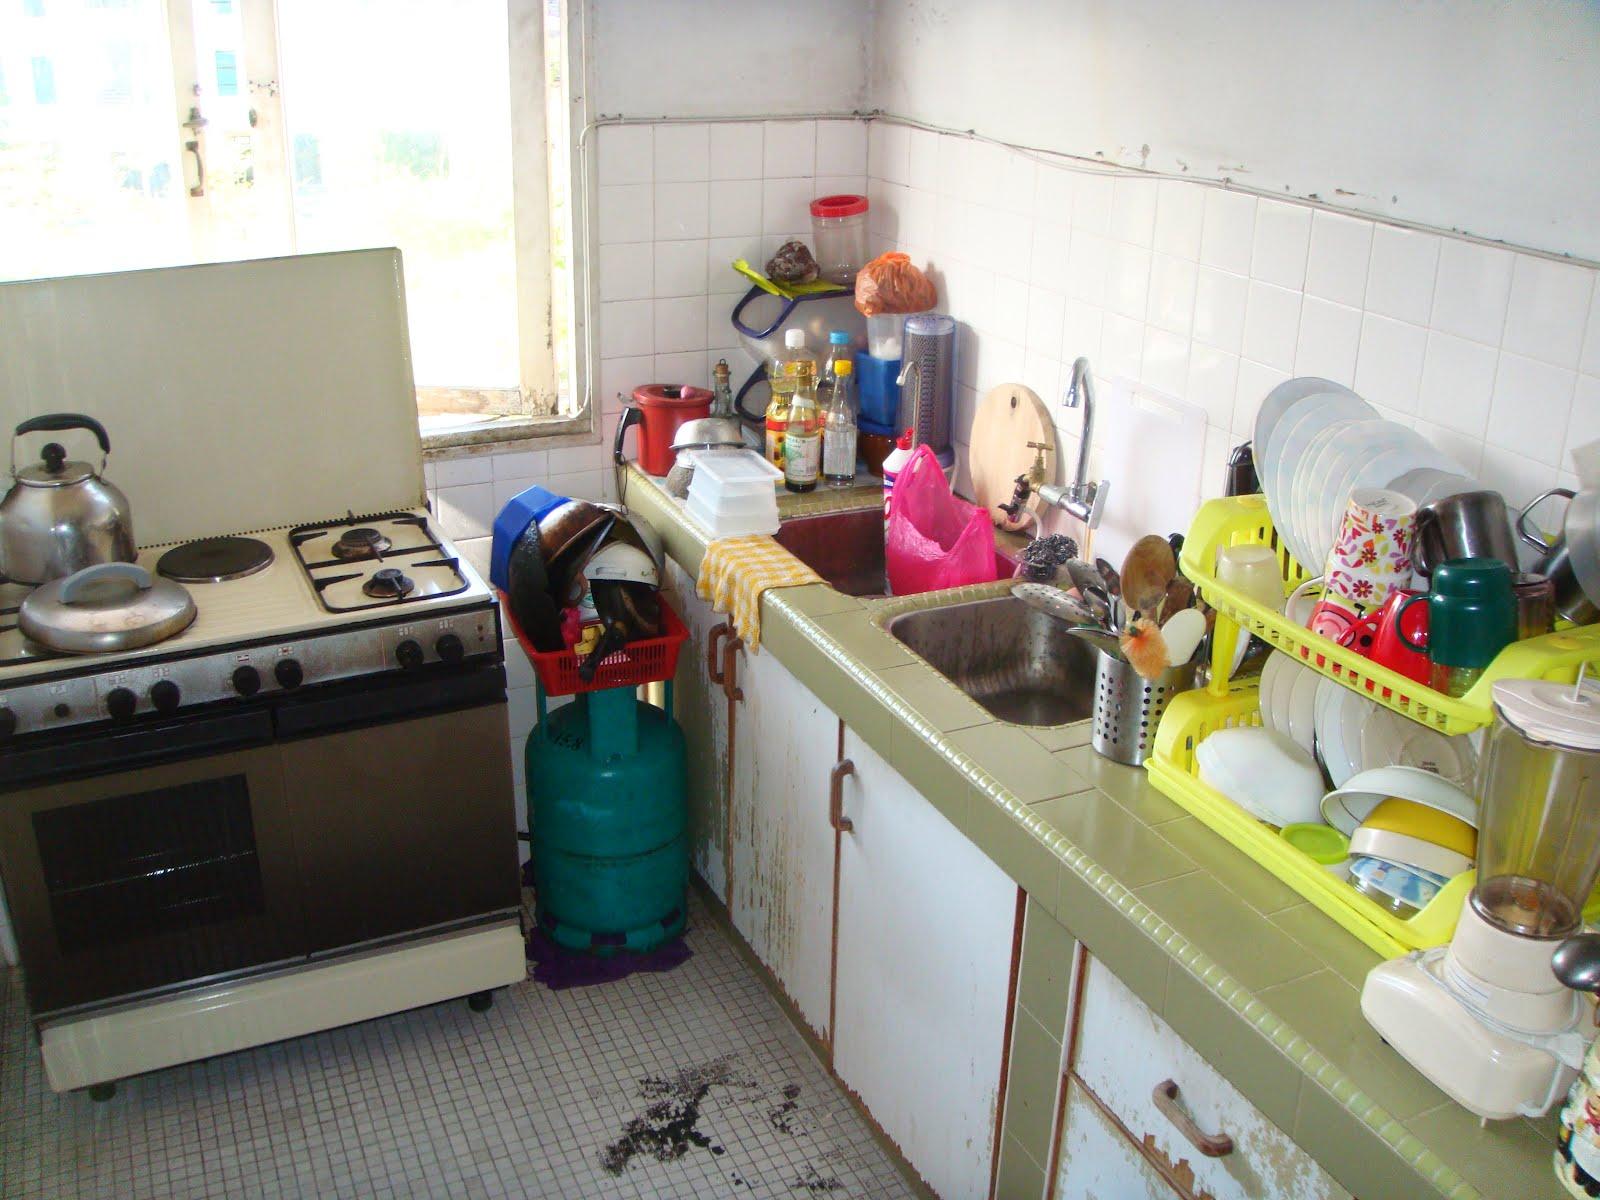 Hiasan Kabinet Dapur Kecil Desainrumahid